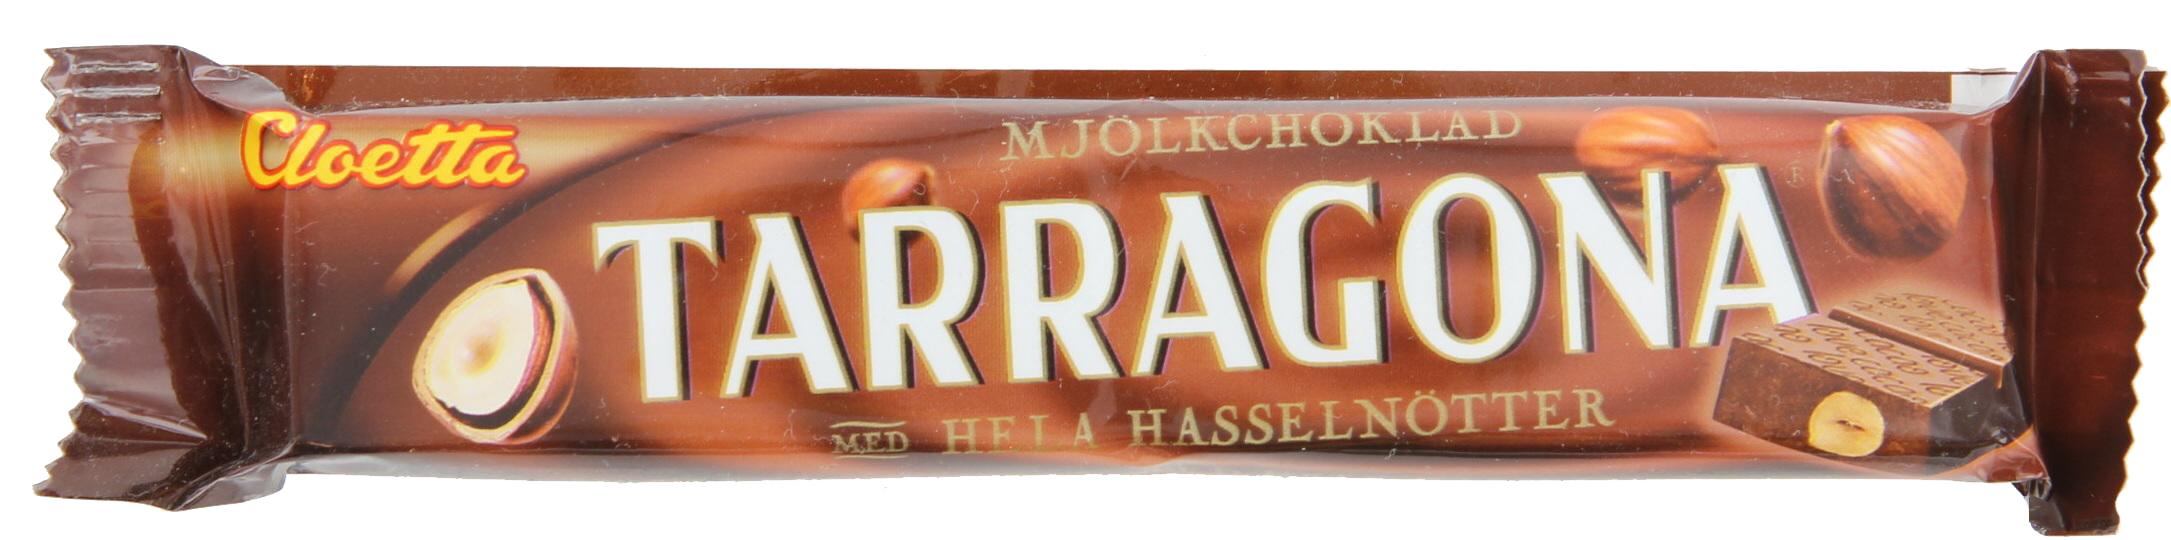 שוקולד טראגונה